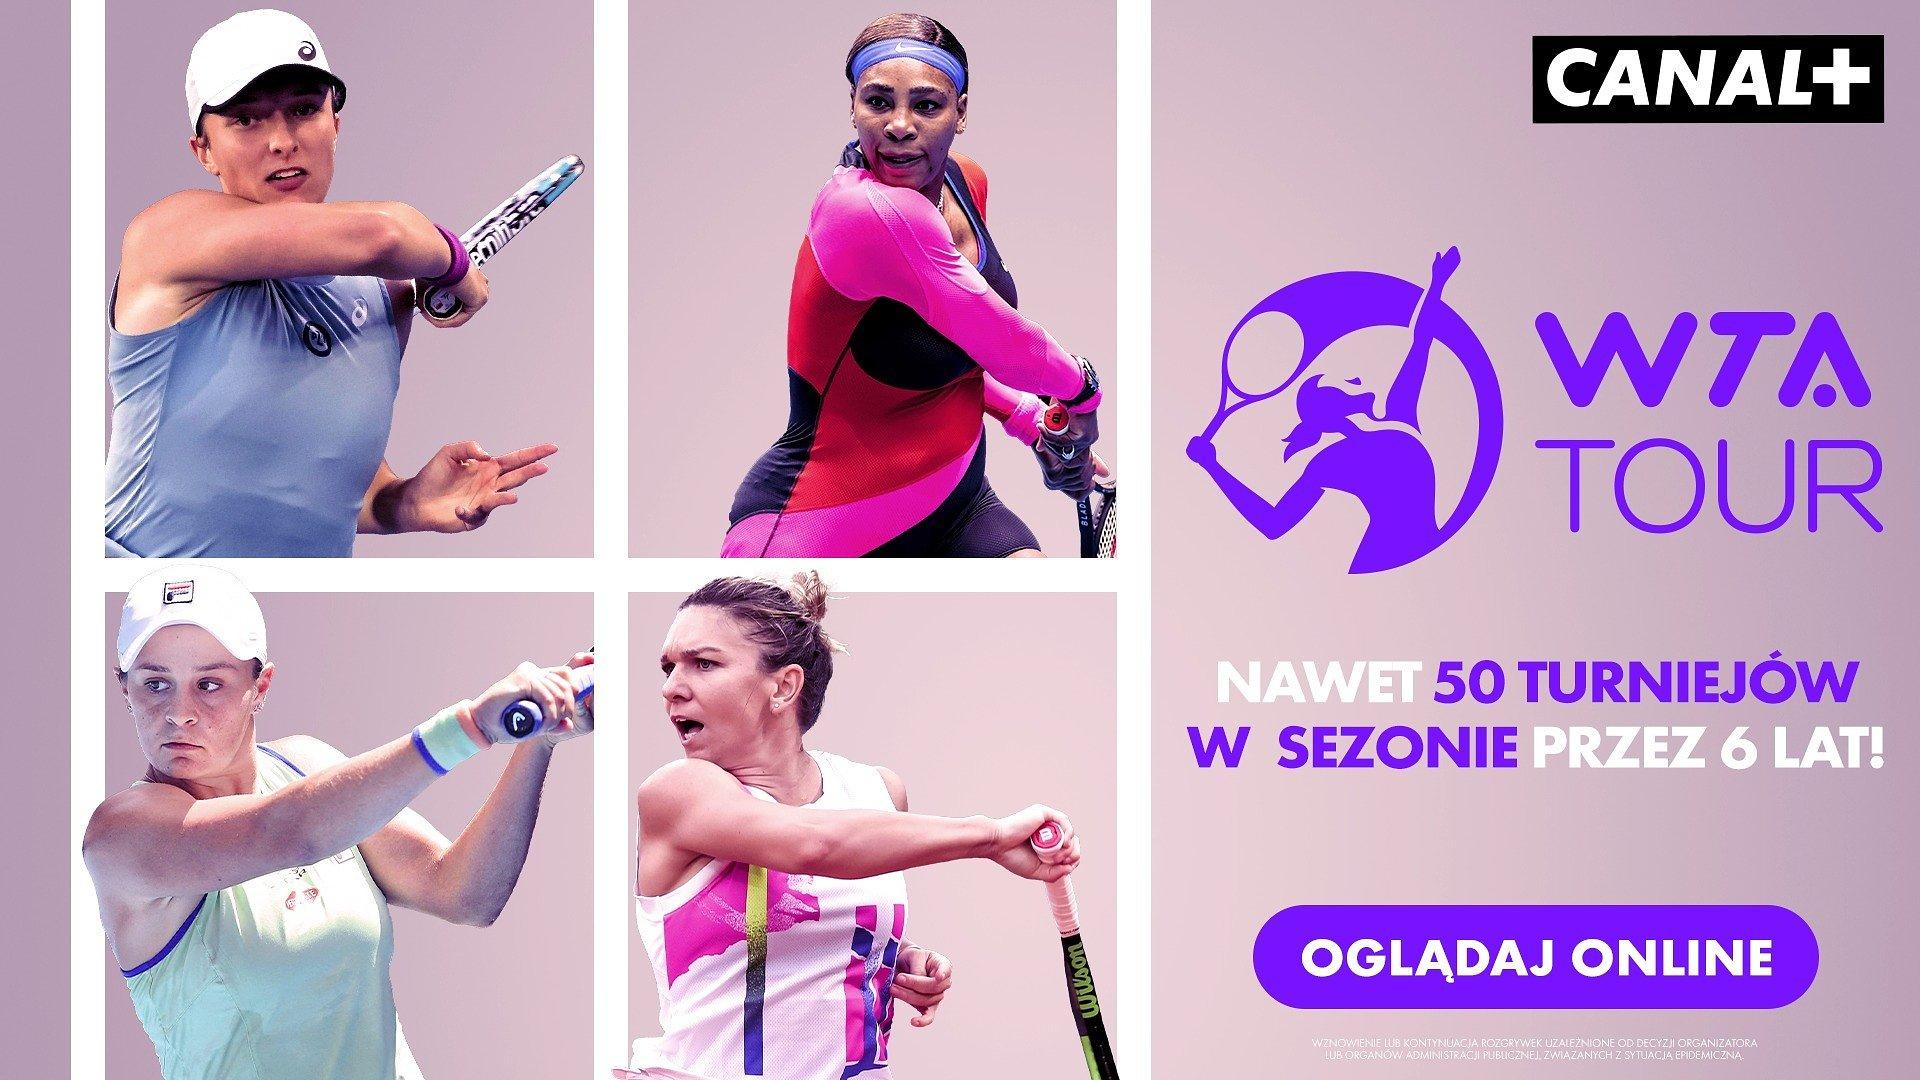 WTA Tour nabiera tempa. Mecze Igi Świątek na antenie CANAL+!